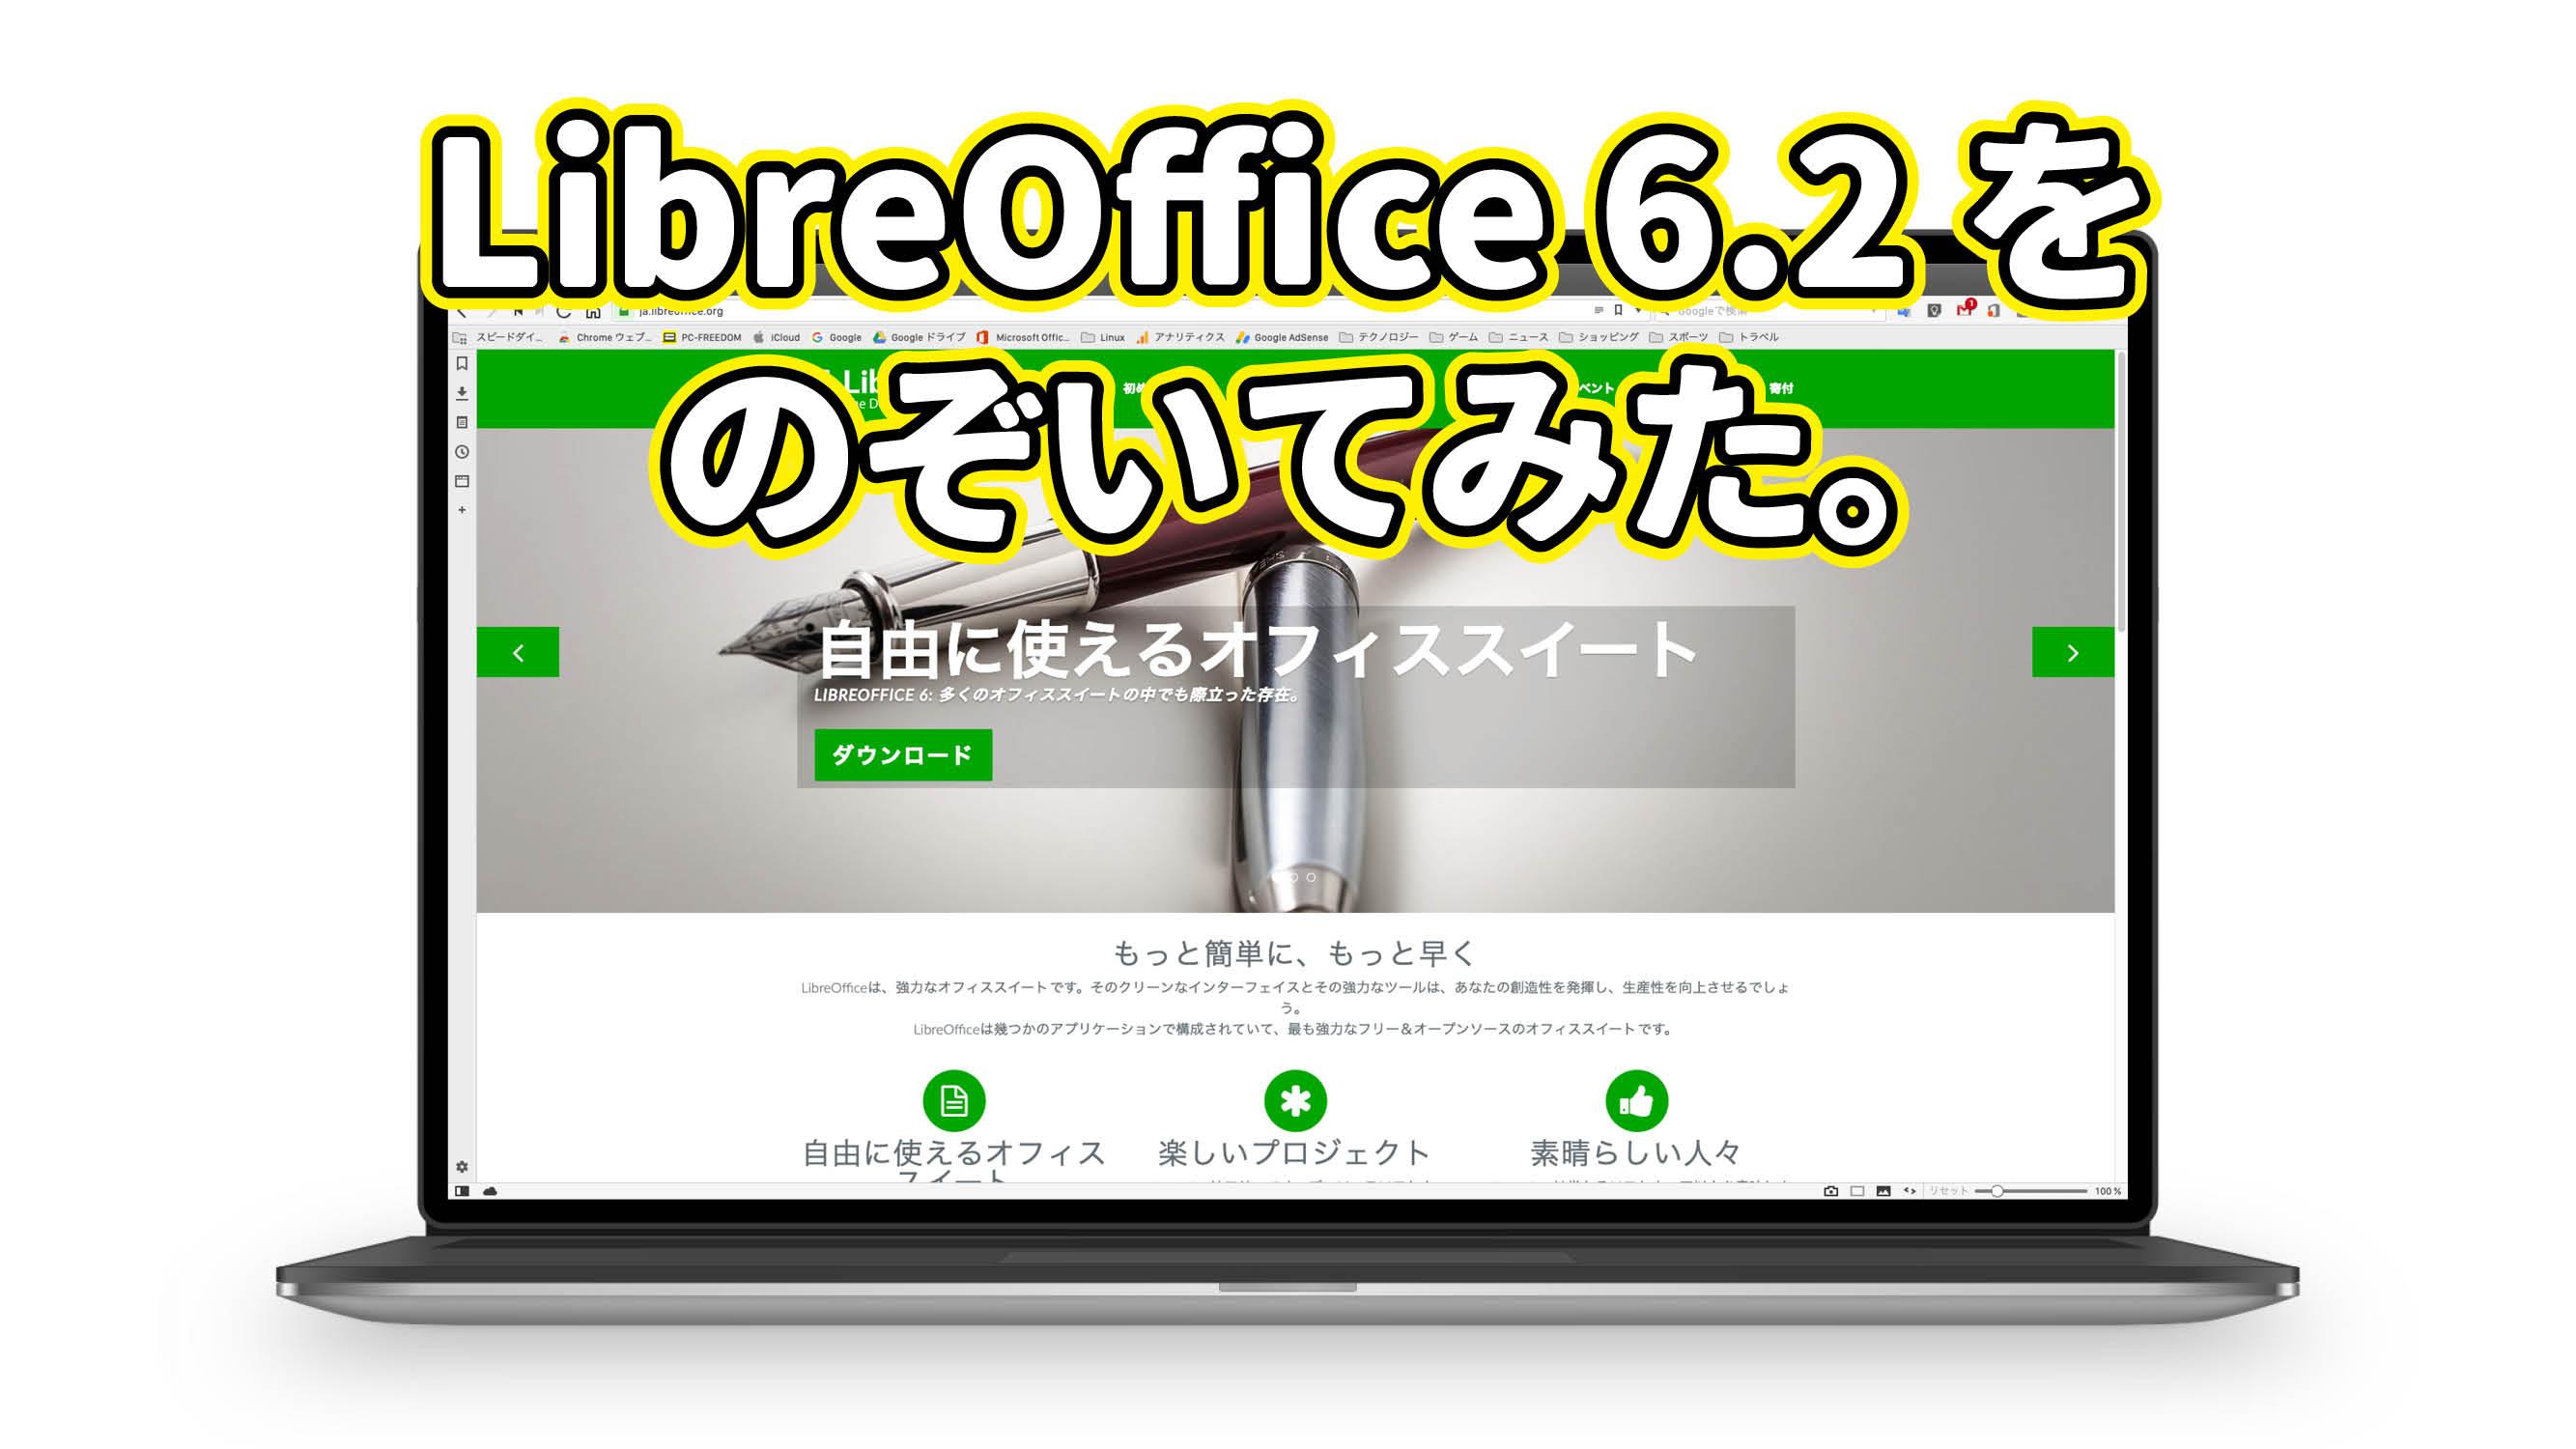 LibreOffice 6.2 をのぞいてみた。